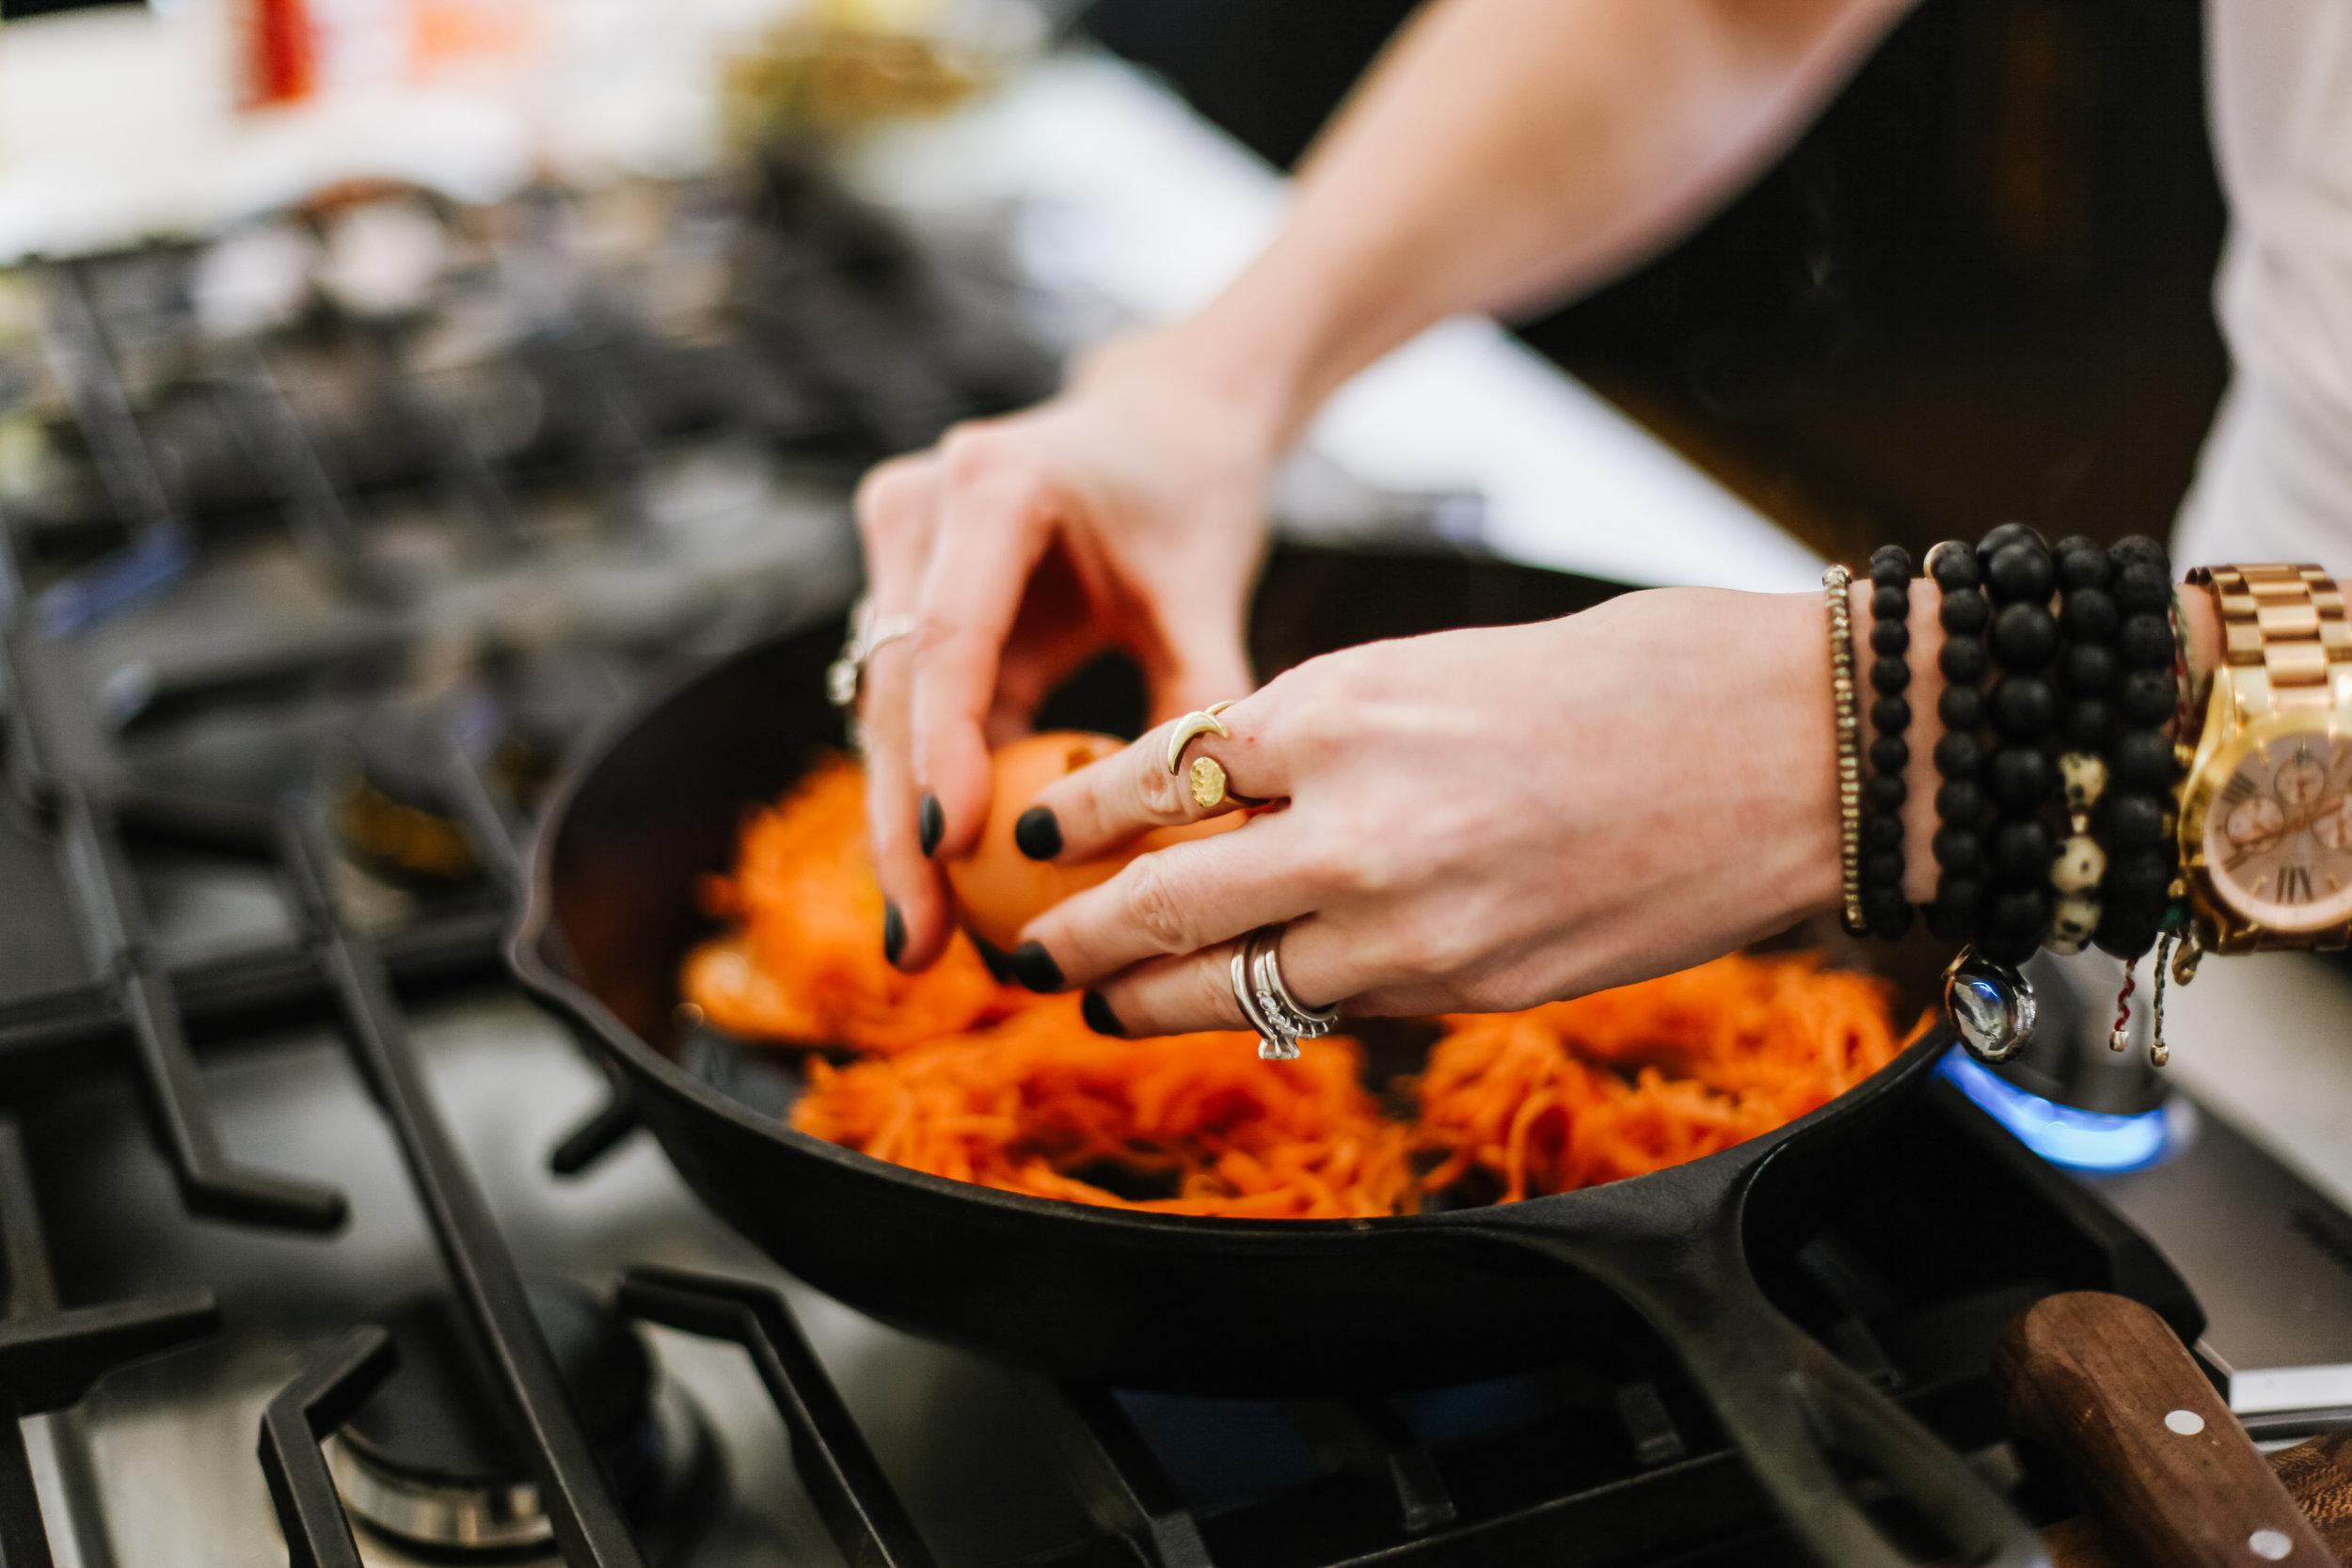 atlanta-woodstock-health-nutrition-whole-30-food-blogger-angela-elliott-wingard-67.jpg